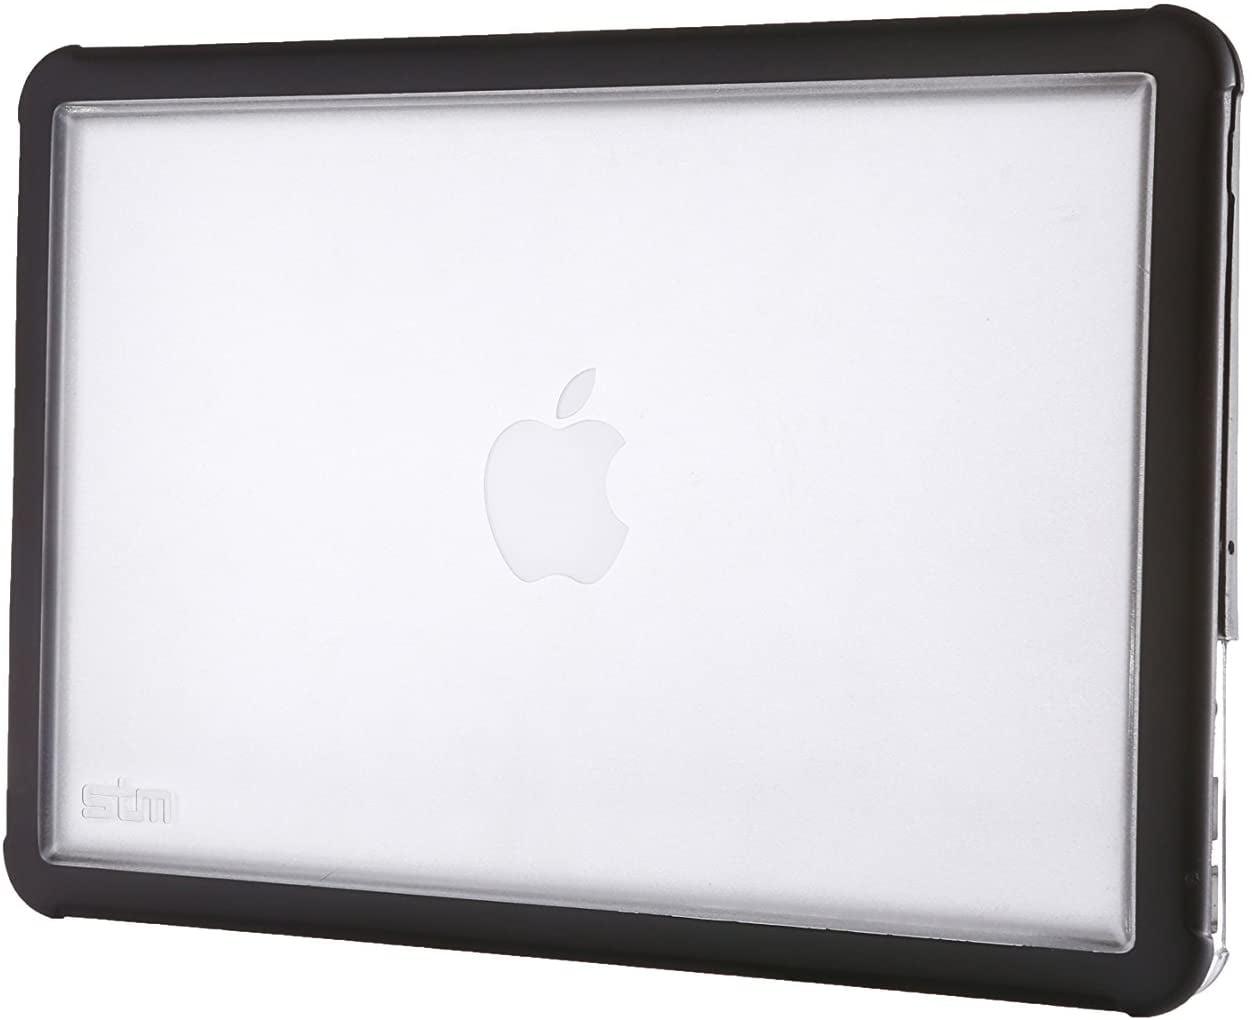 stm-122-094K-01 Rugged case for Apple MacBook Air 11 STM Dux Black